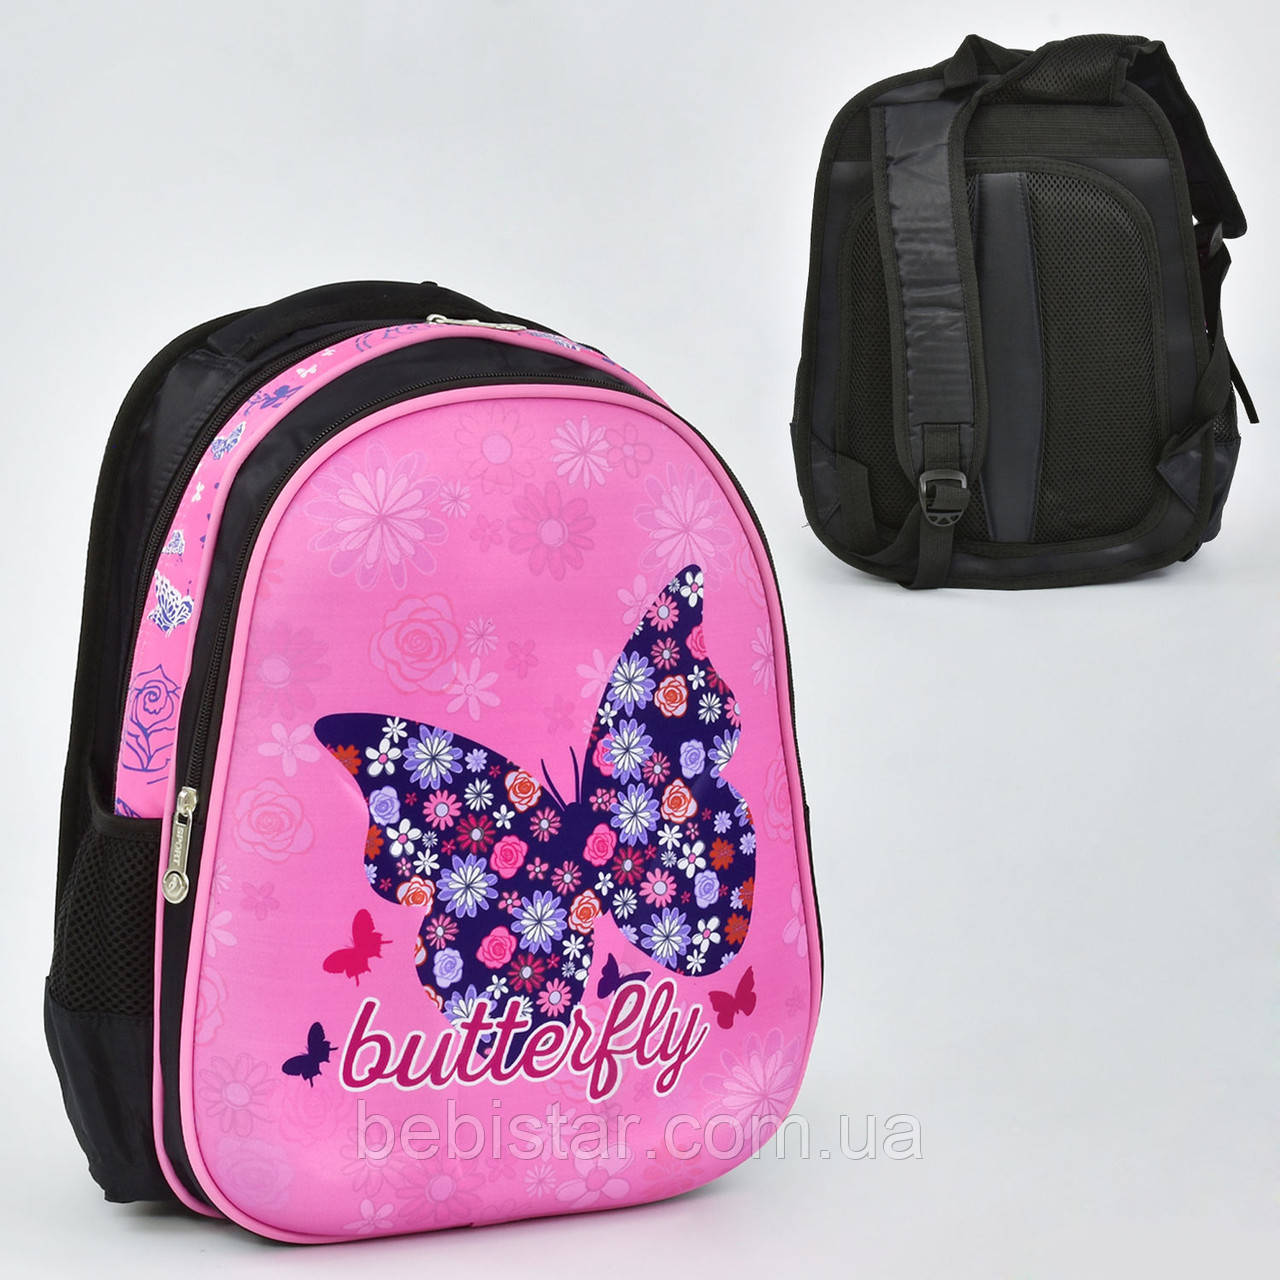 Школьный рюкзак 2 кармана розовый с твердым каркасом